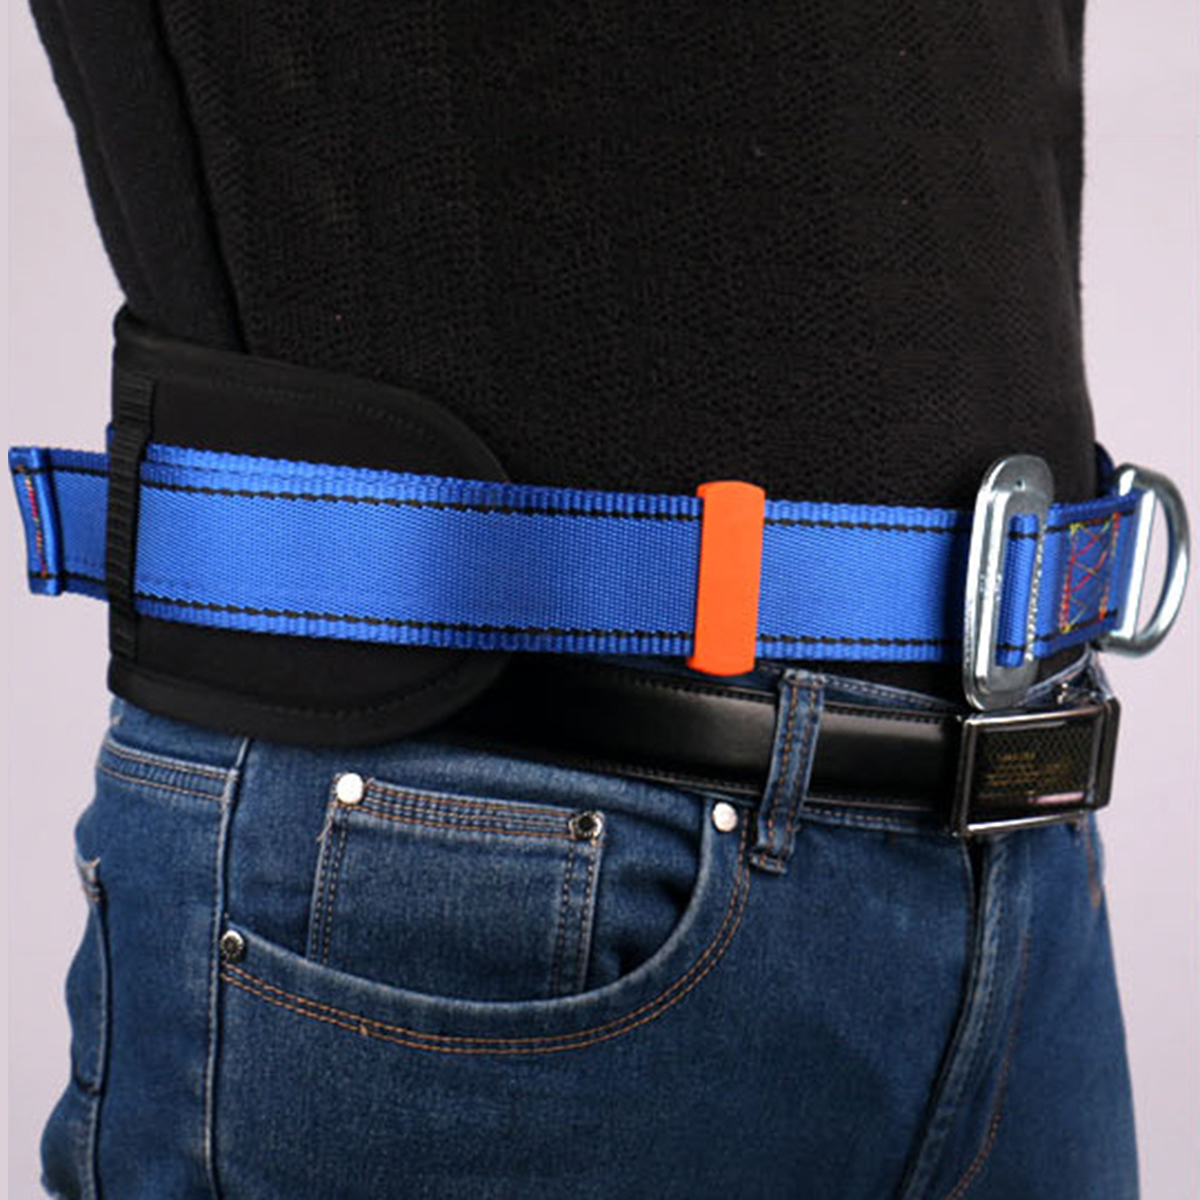 Sports Harness Rock Climbing D-Ring Gear Safety Belt Equipment Survival Rock Climbing Fall Waist Belt Harness Rope Accessories